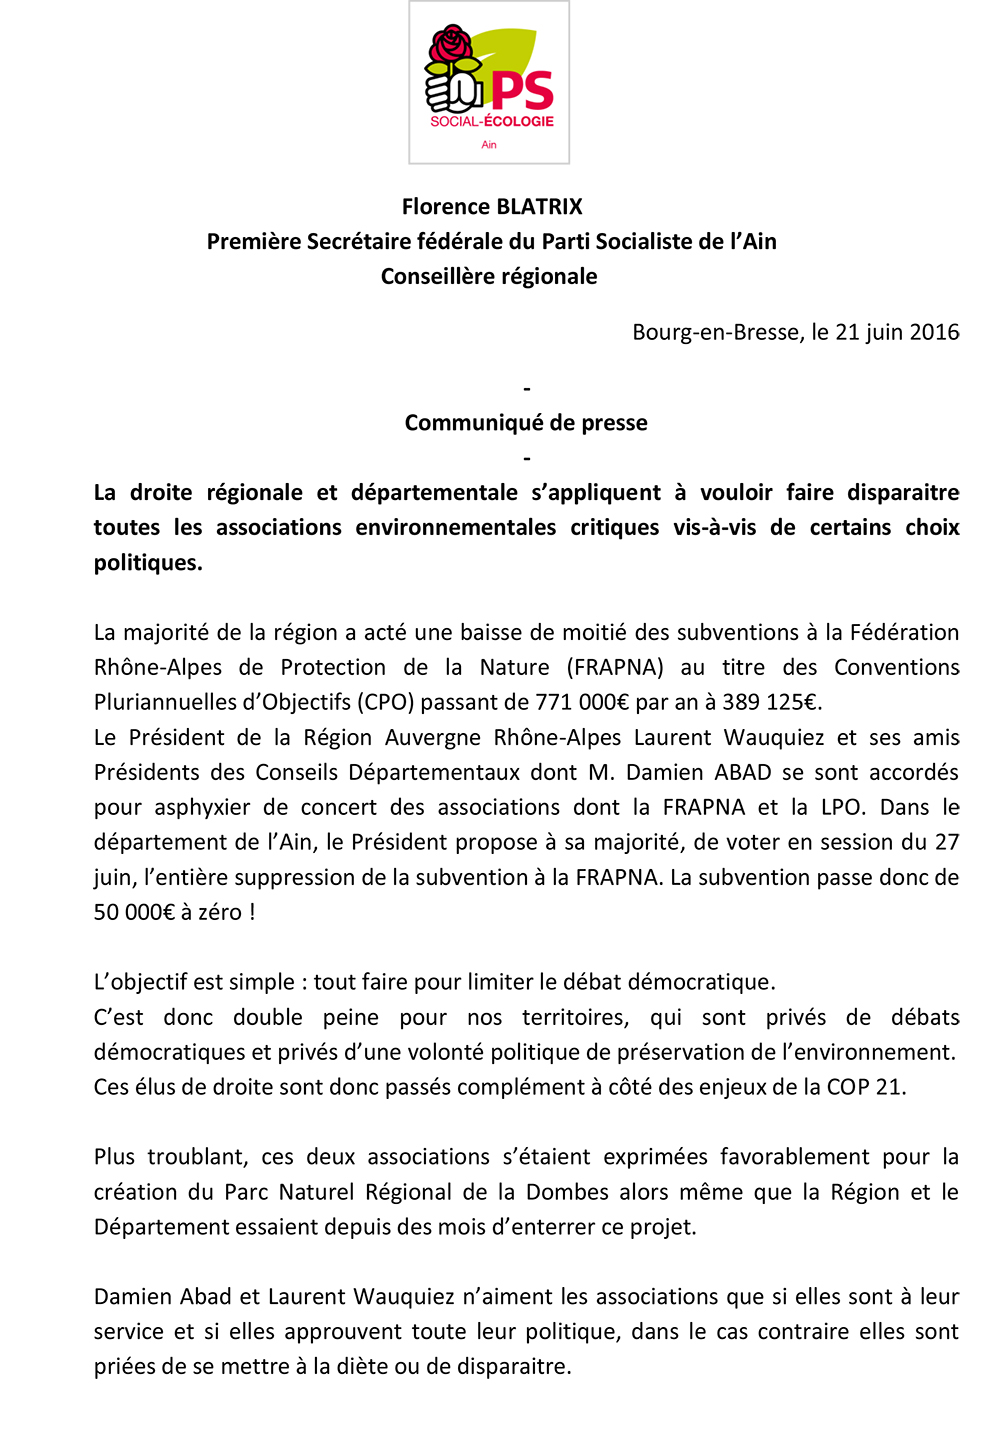 CP du Parti Socialiste de l'Ain Suppression des subventions à la FRAPNA ballad et vous